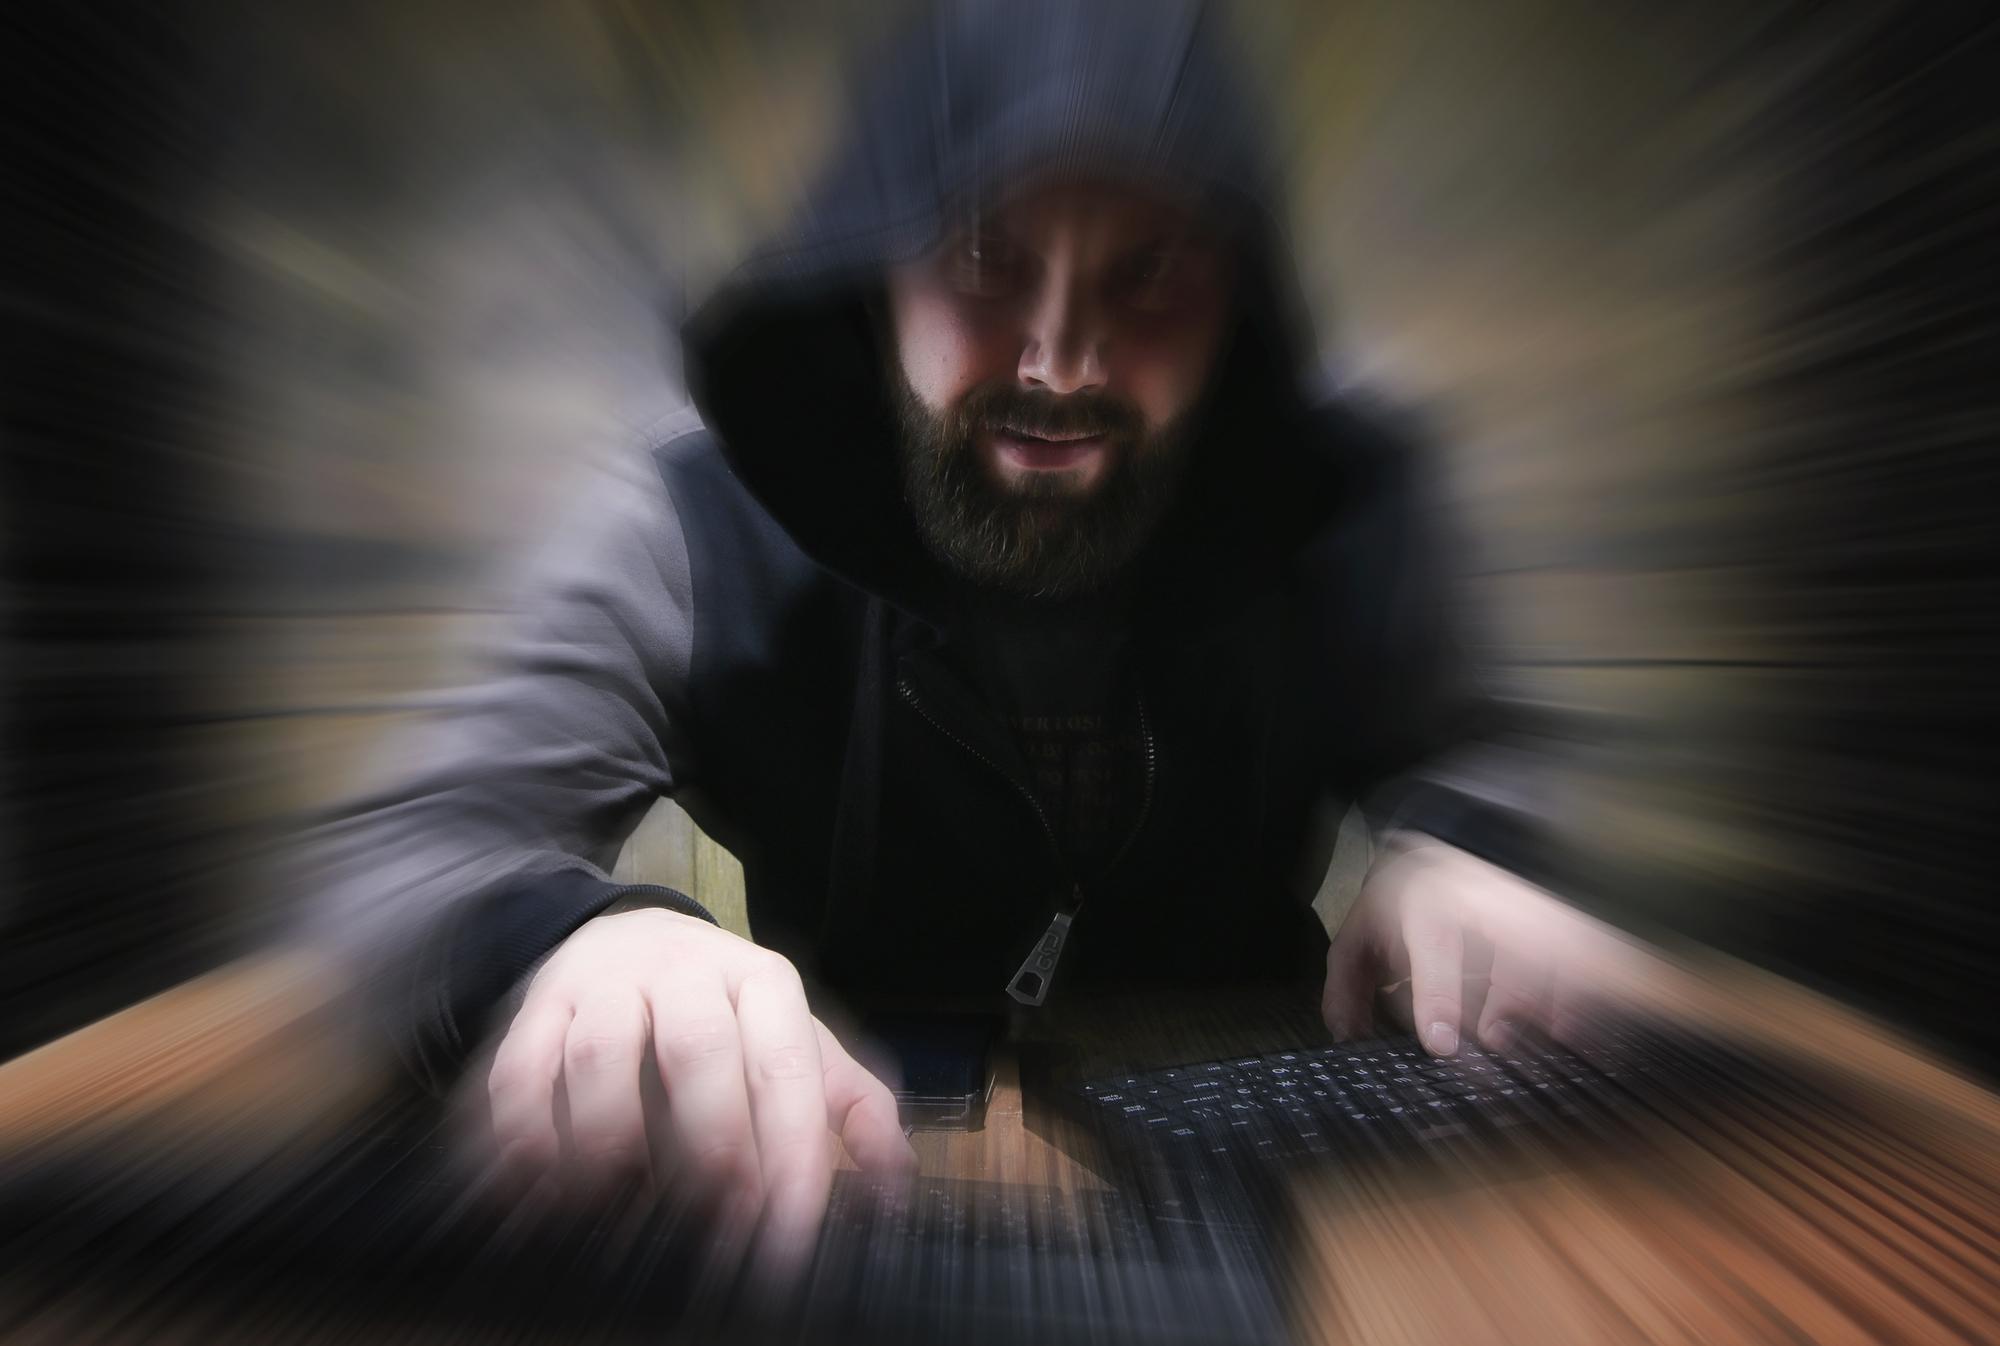 キングソフトインターネットセキュリティ, Kingsoft Internet Security, ハッカー, ハッキング, 種類, クラッキング, クラッカー